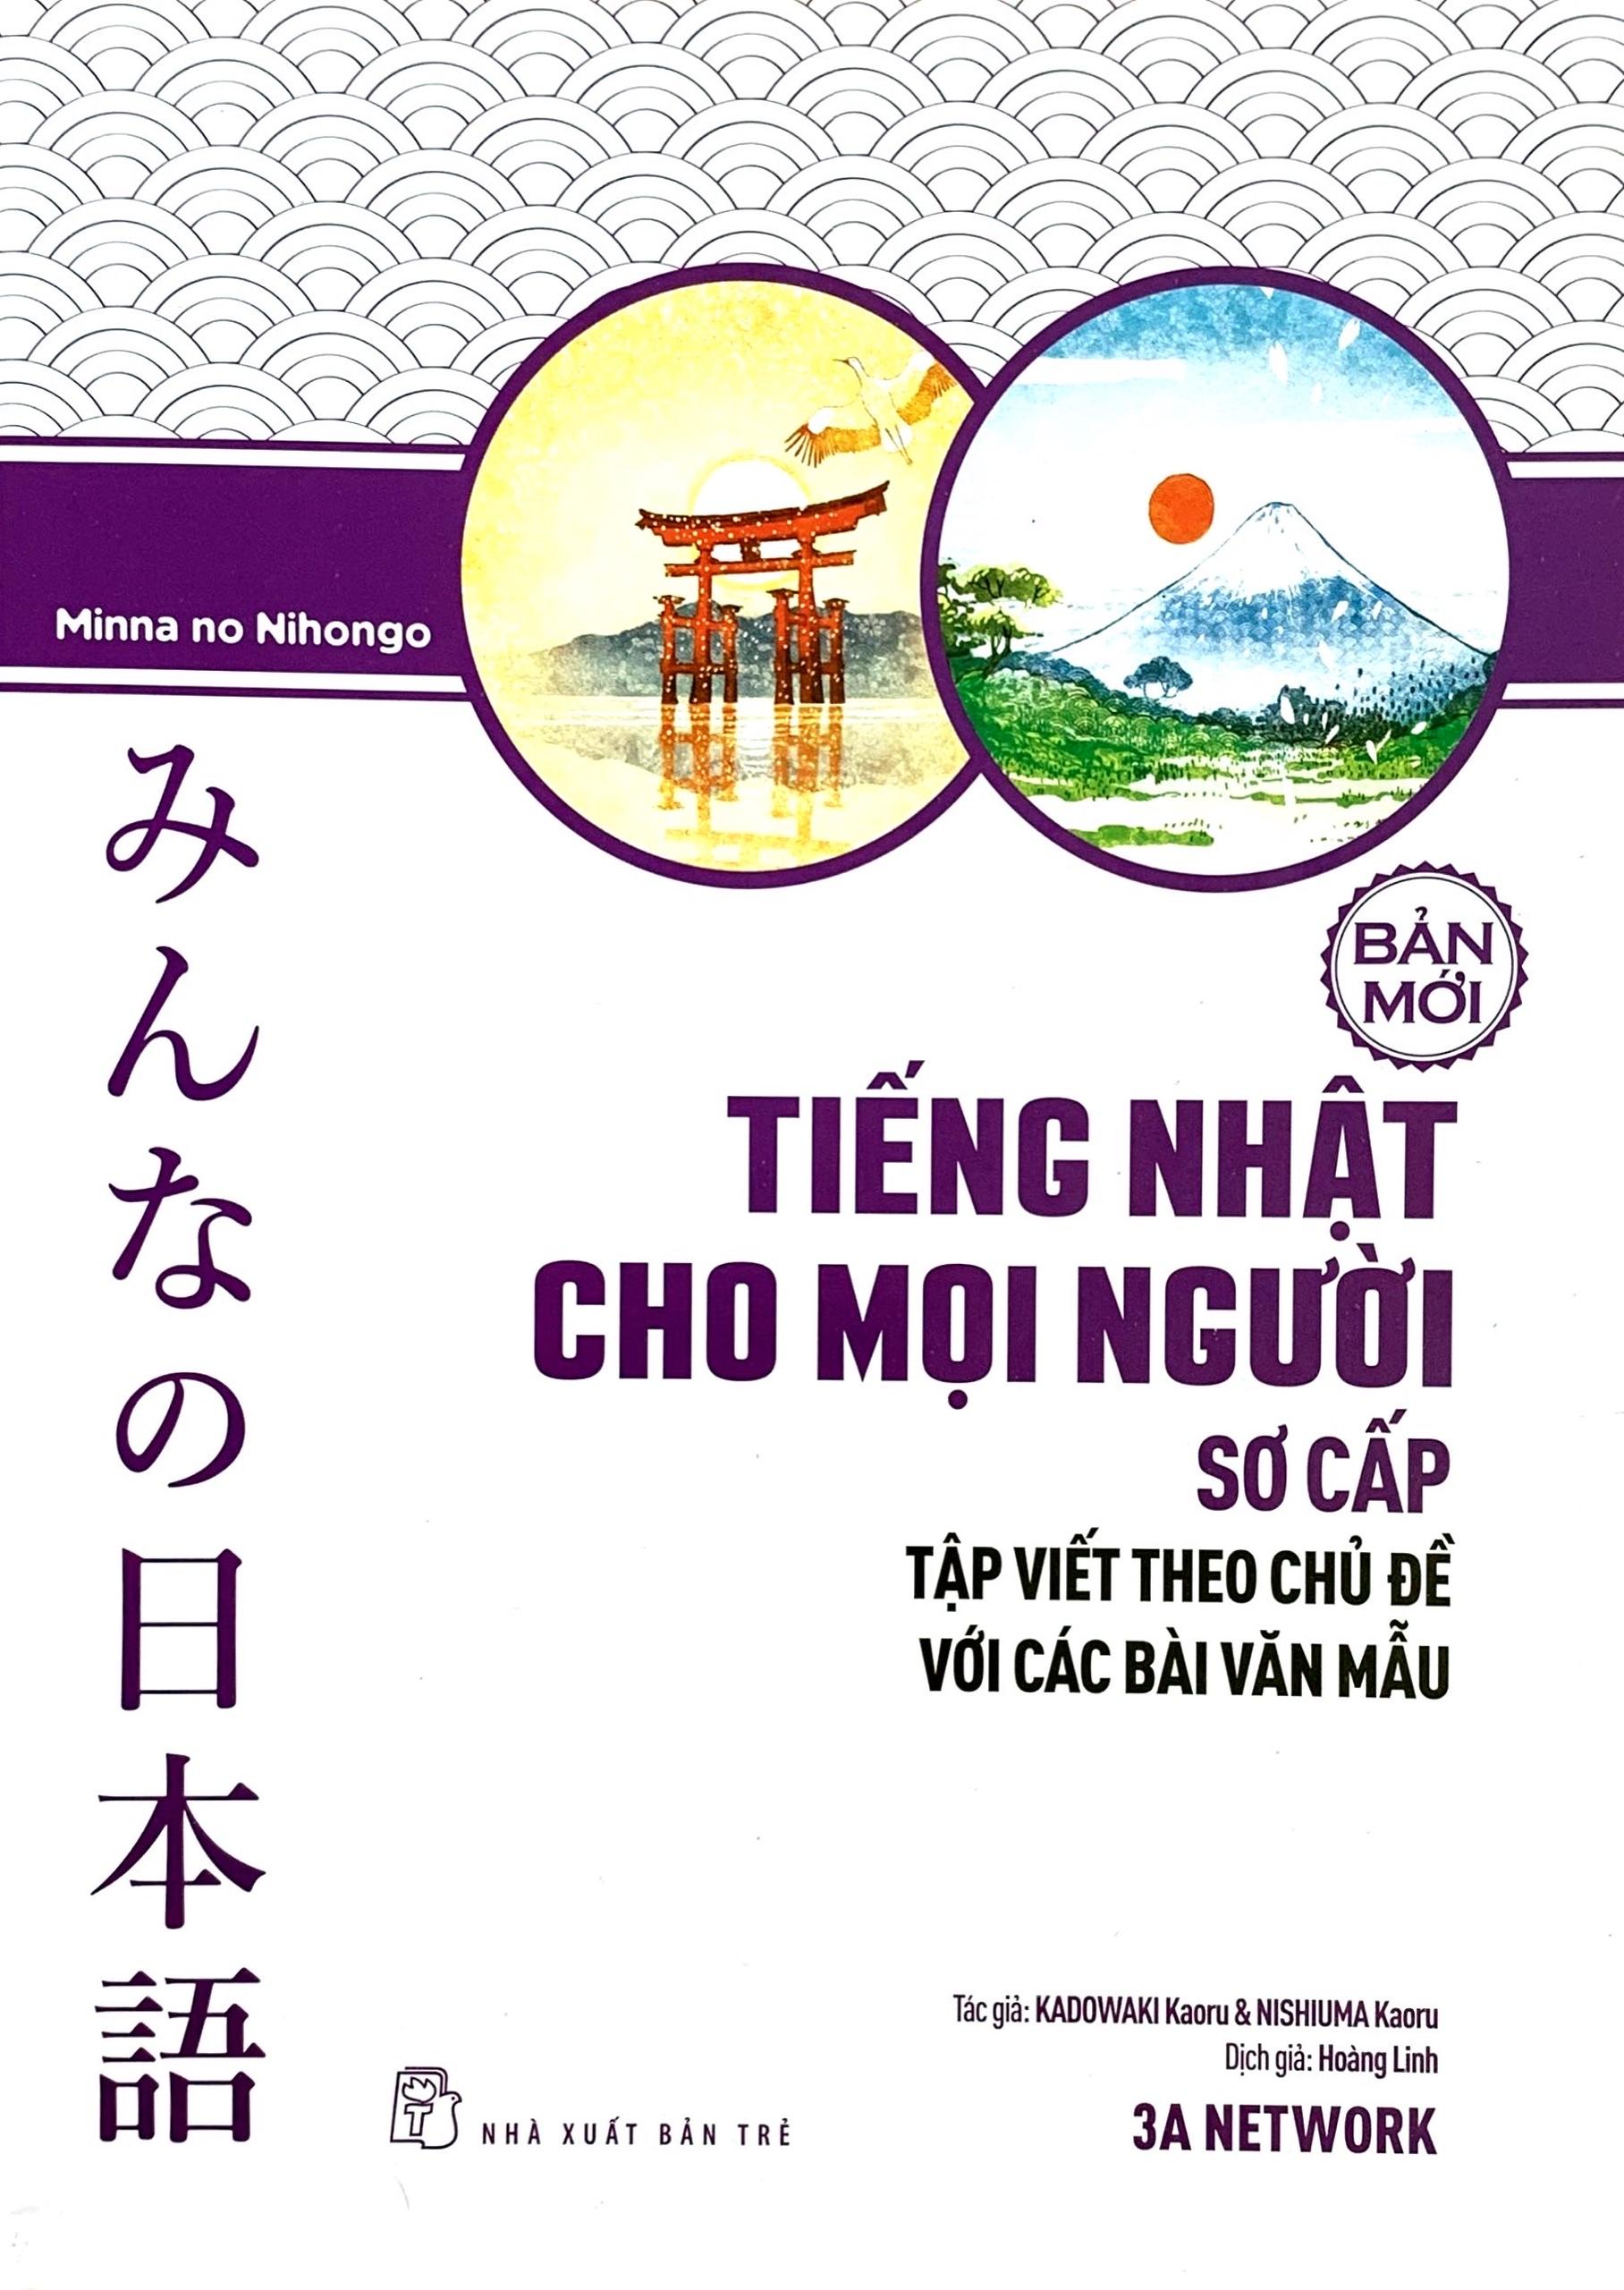 Lifestyle designMinna Sơ Cấp – Tiếng Nhật Cho Mọi Người – Tập Viết Theo Chủ Đề Với Các Bài Văn Mẫu (Có Tiếng Việt)